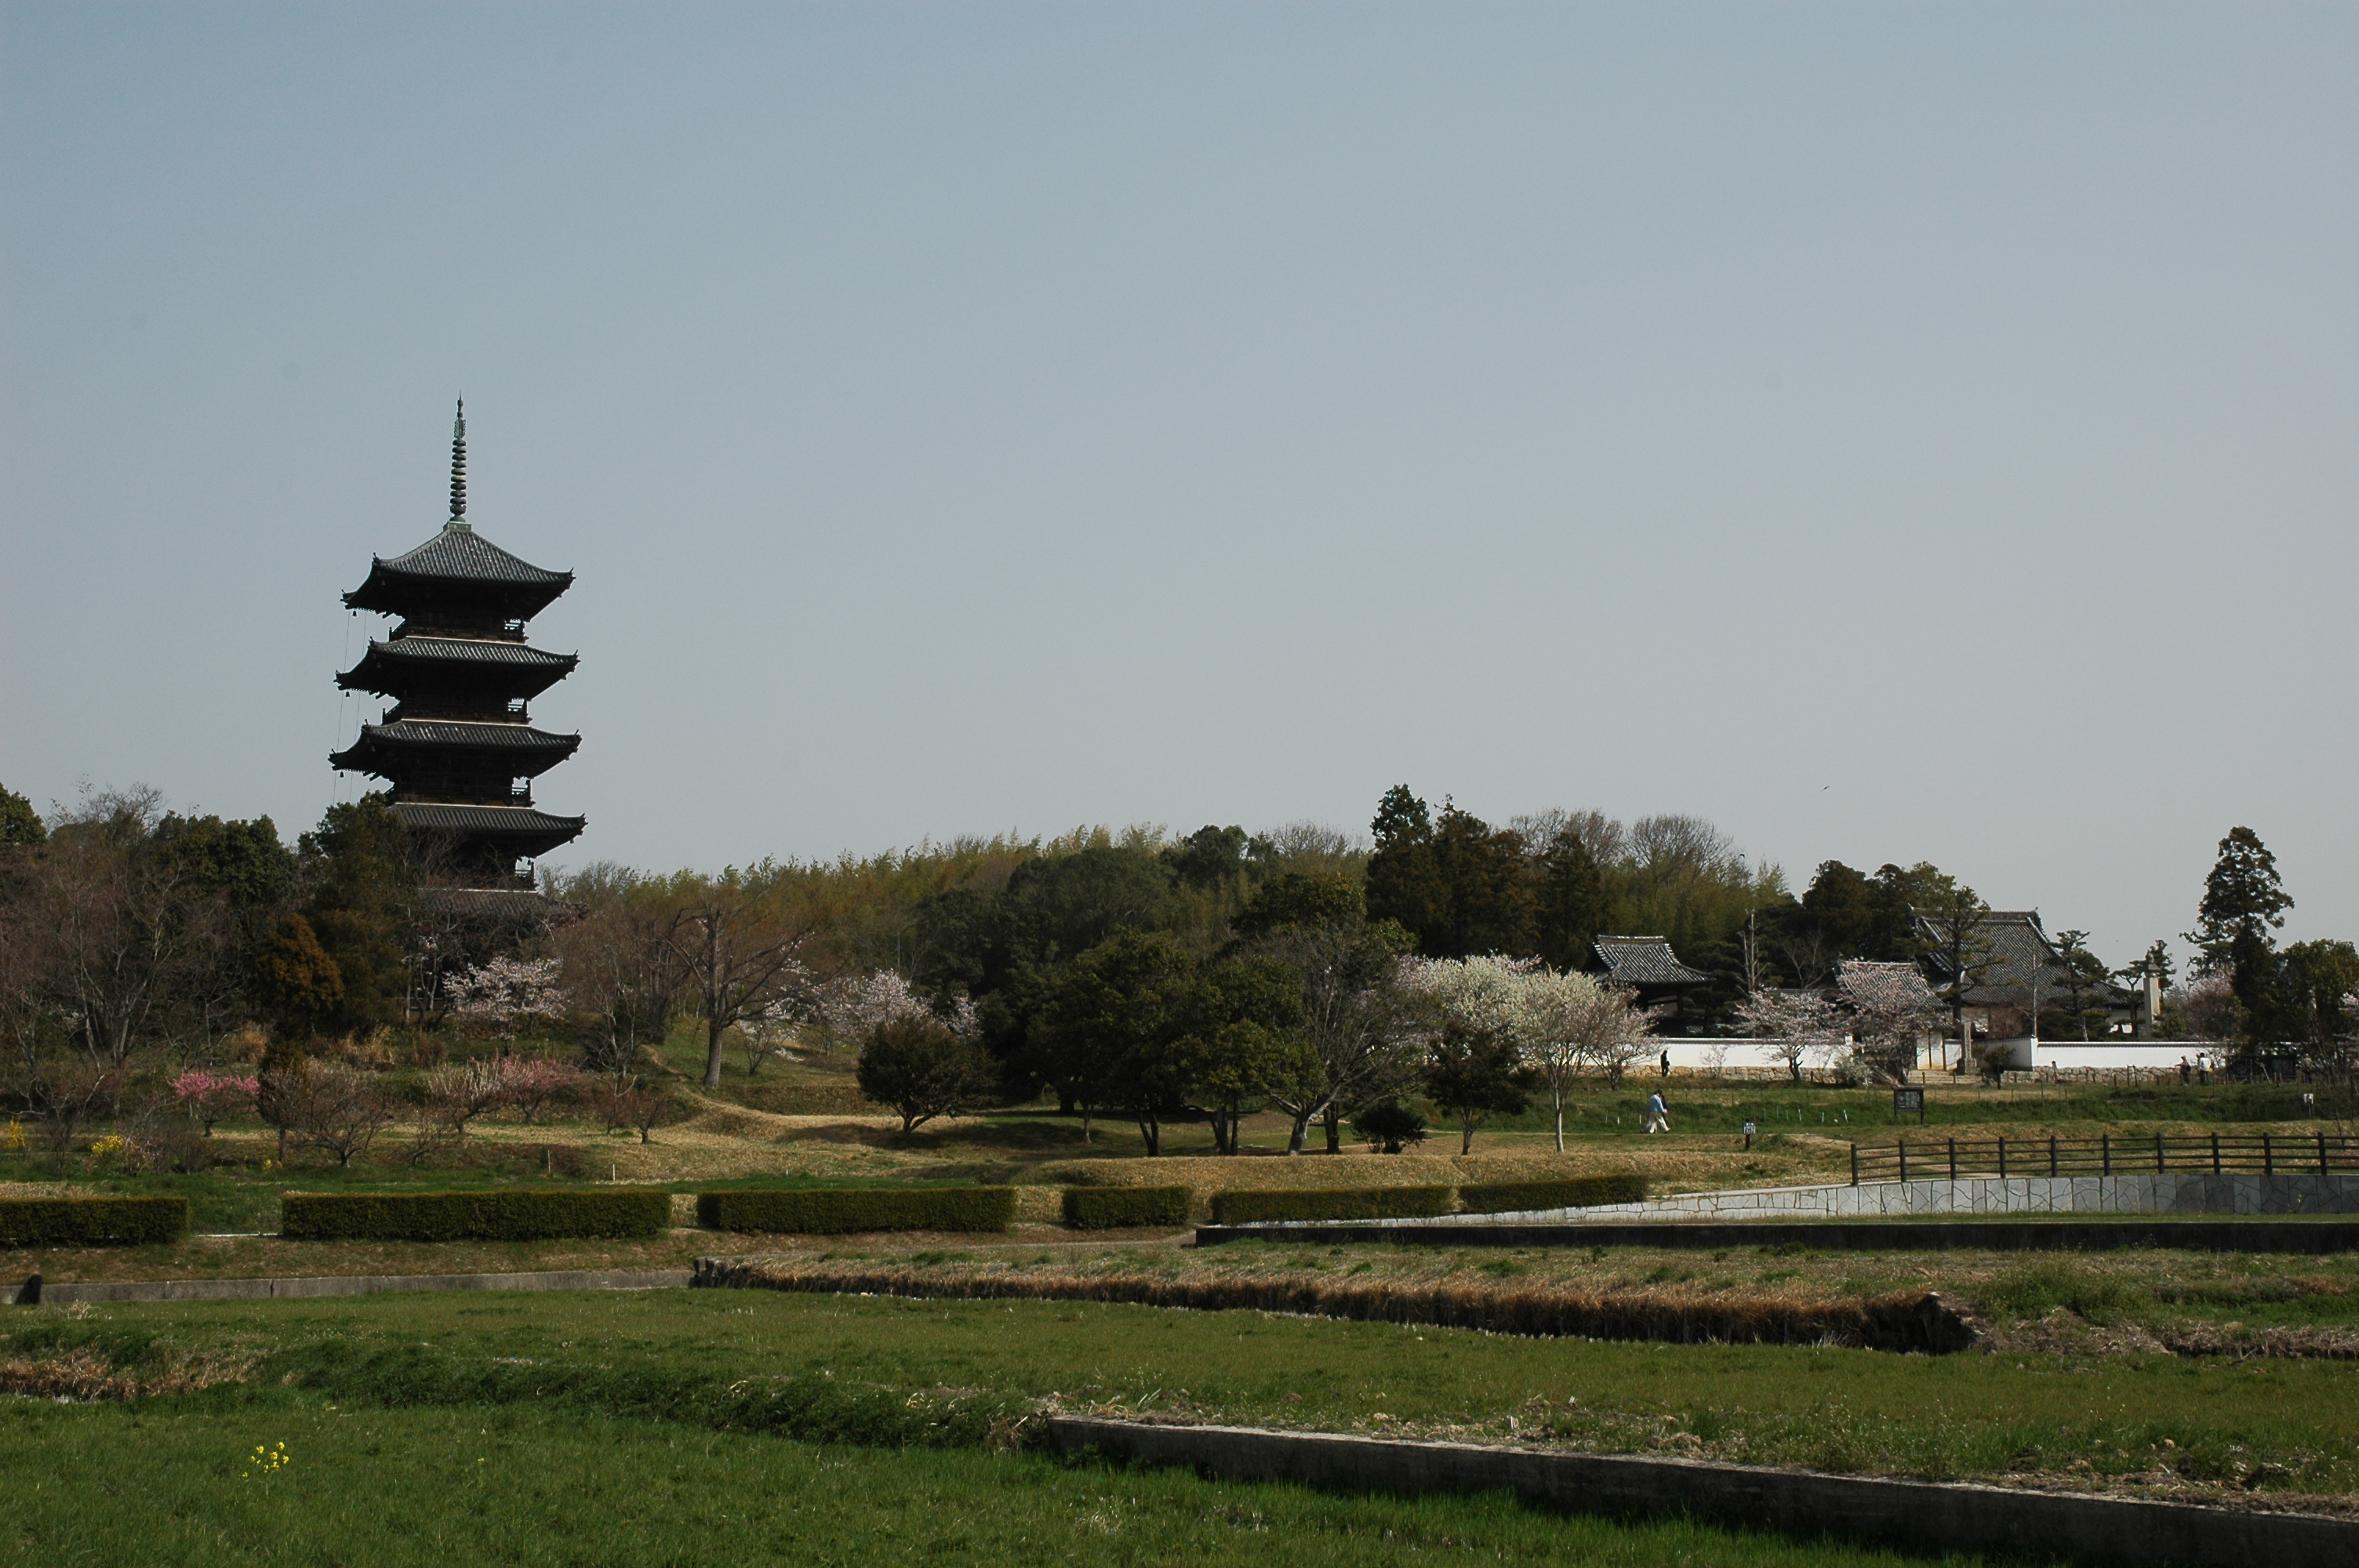 Depiction of Kokubunji